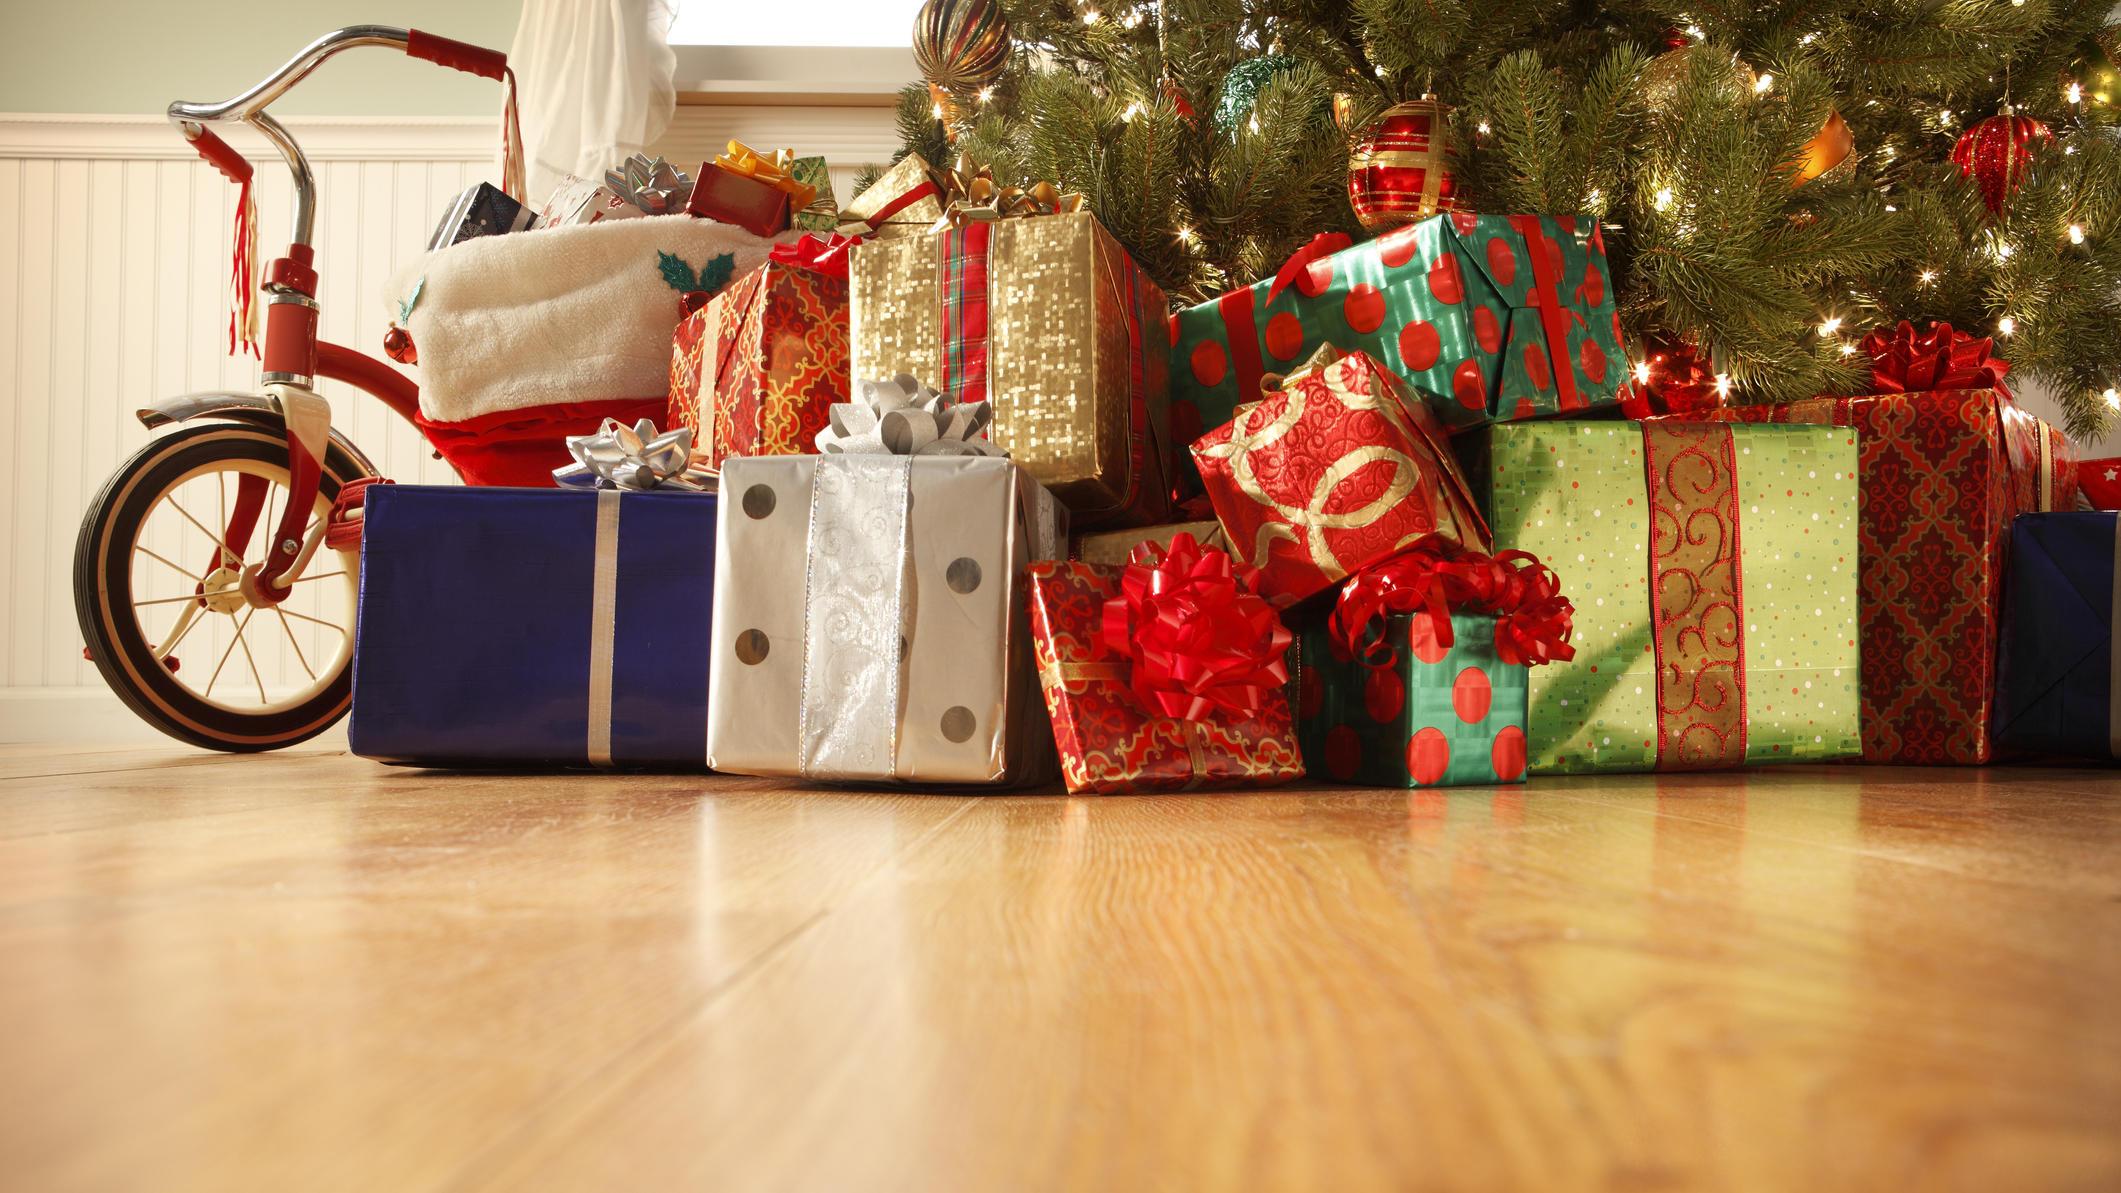 Für die Weihnachtsgeschenke seiner Kinder: Vater bittet um Spenden ...